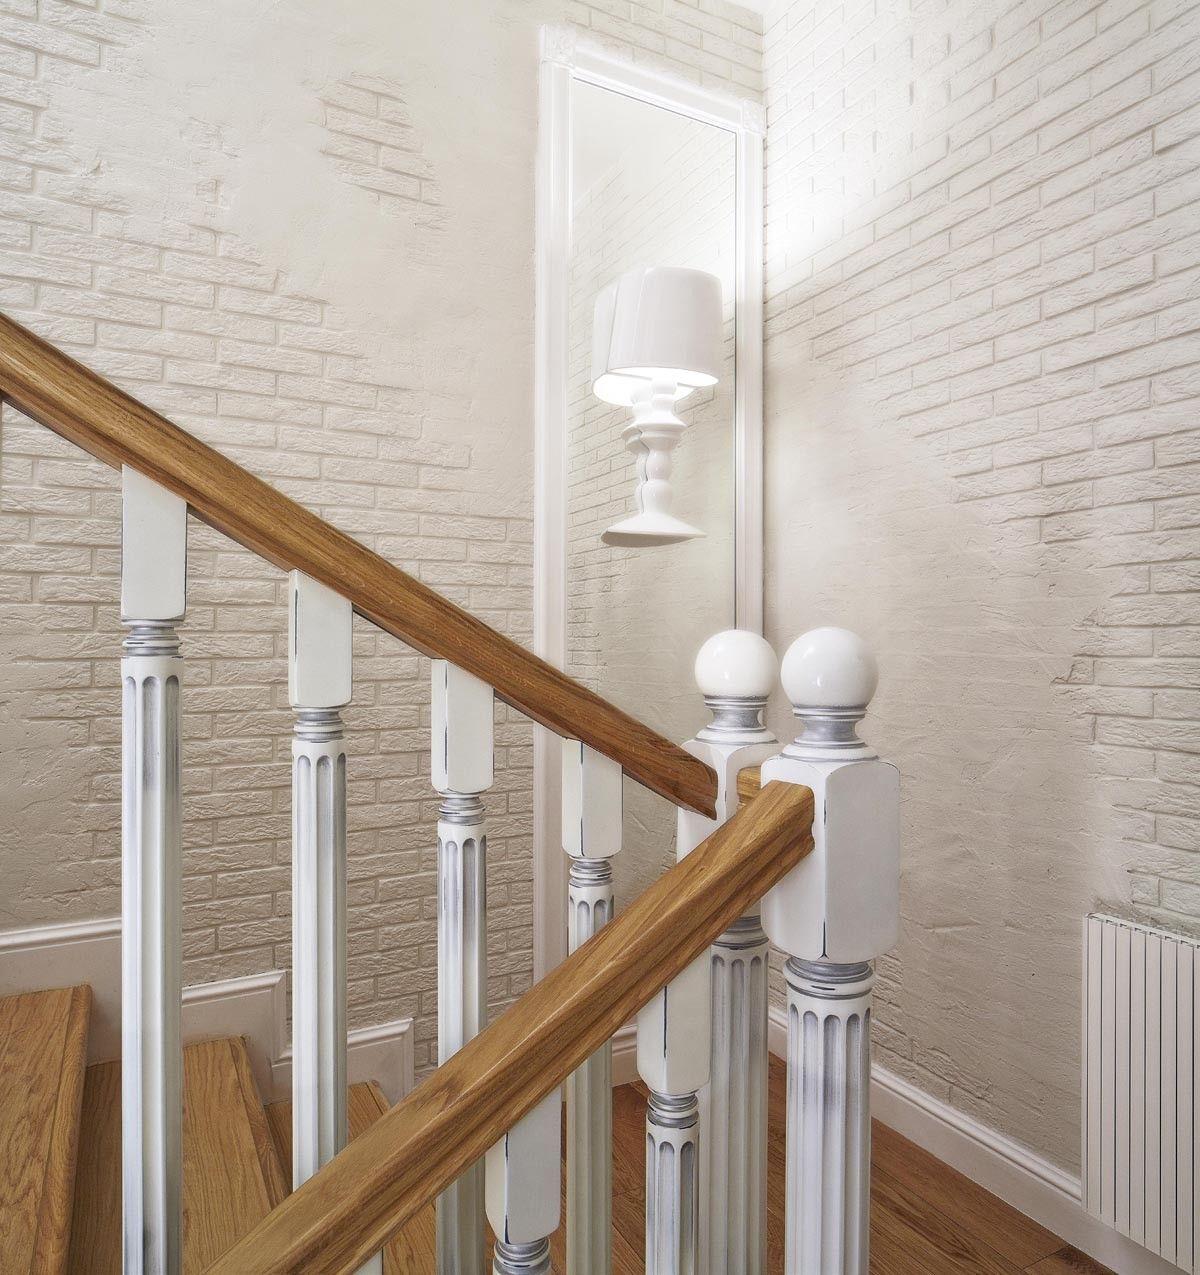 Апартаменты tatlin купить квартиру в дубае недорого цены в рублях